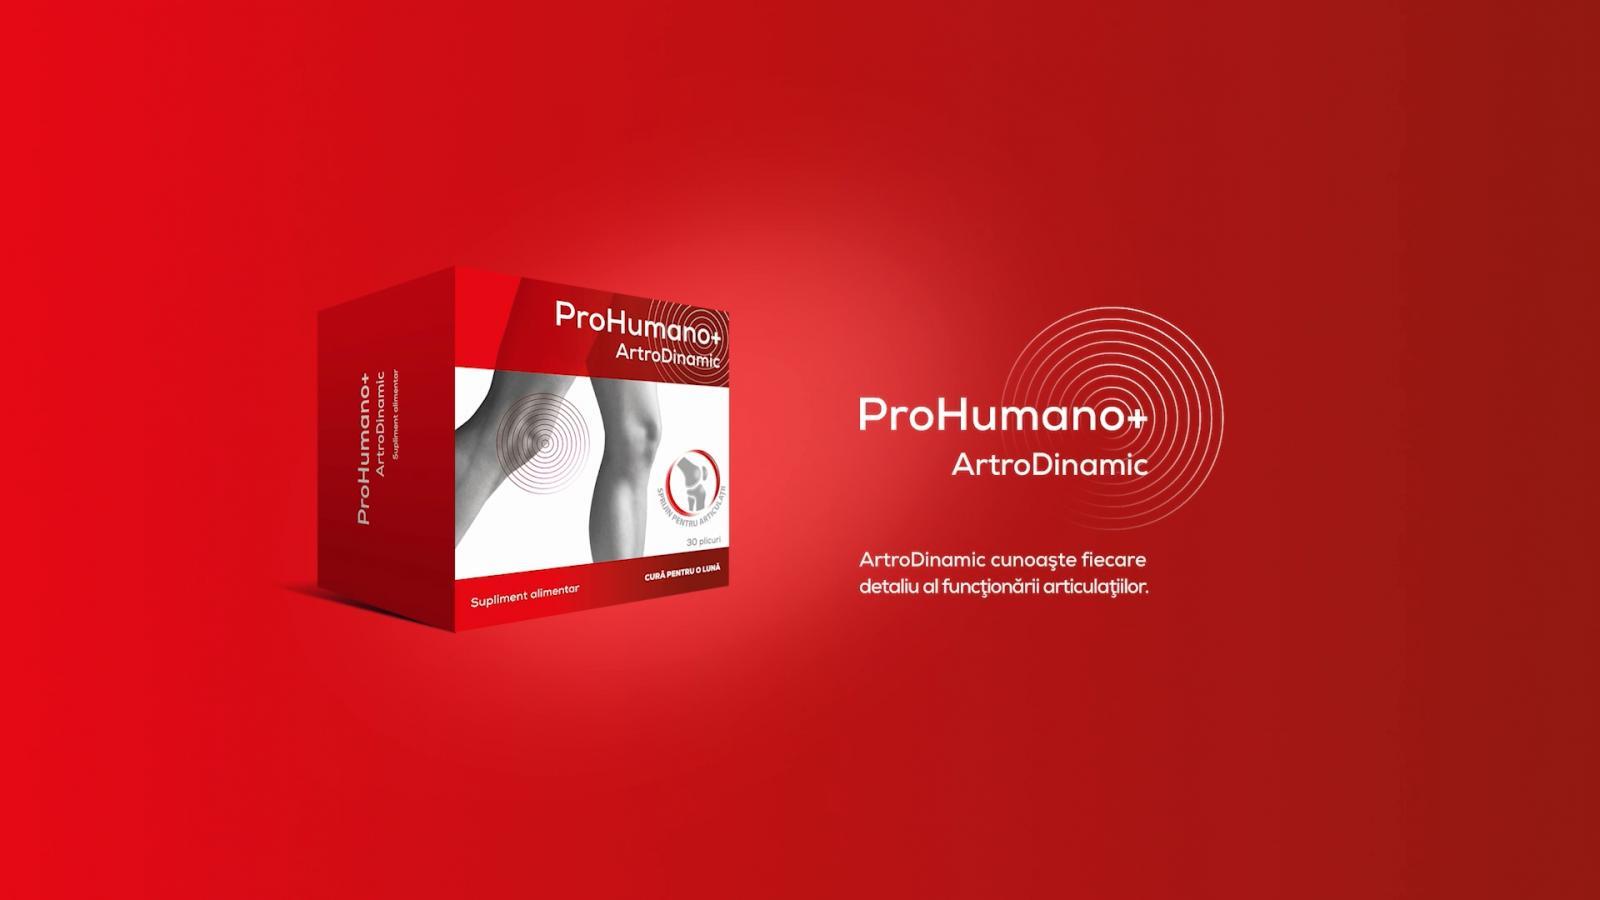 ArtroDinamic pentru articulații. Susține regenerarea cartilajului, crește gradul de lubrifiere și mobilitatea articulațiilor